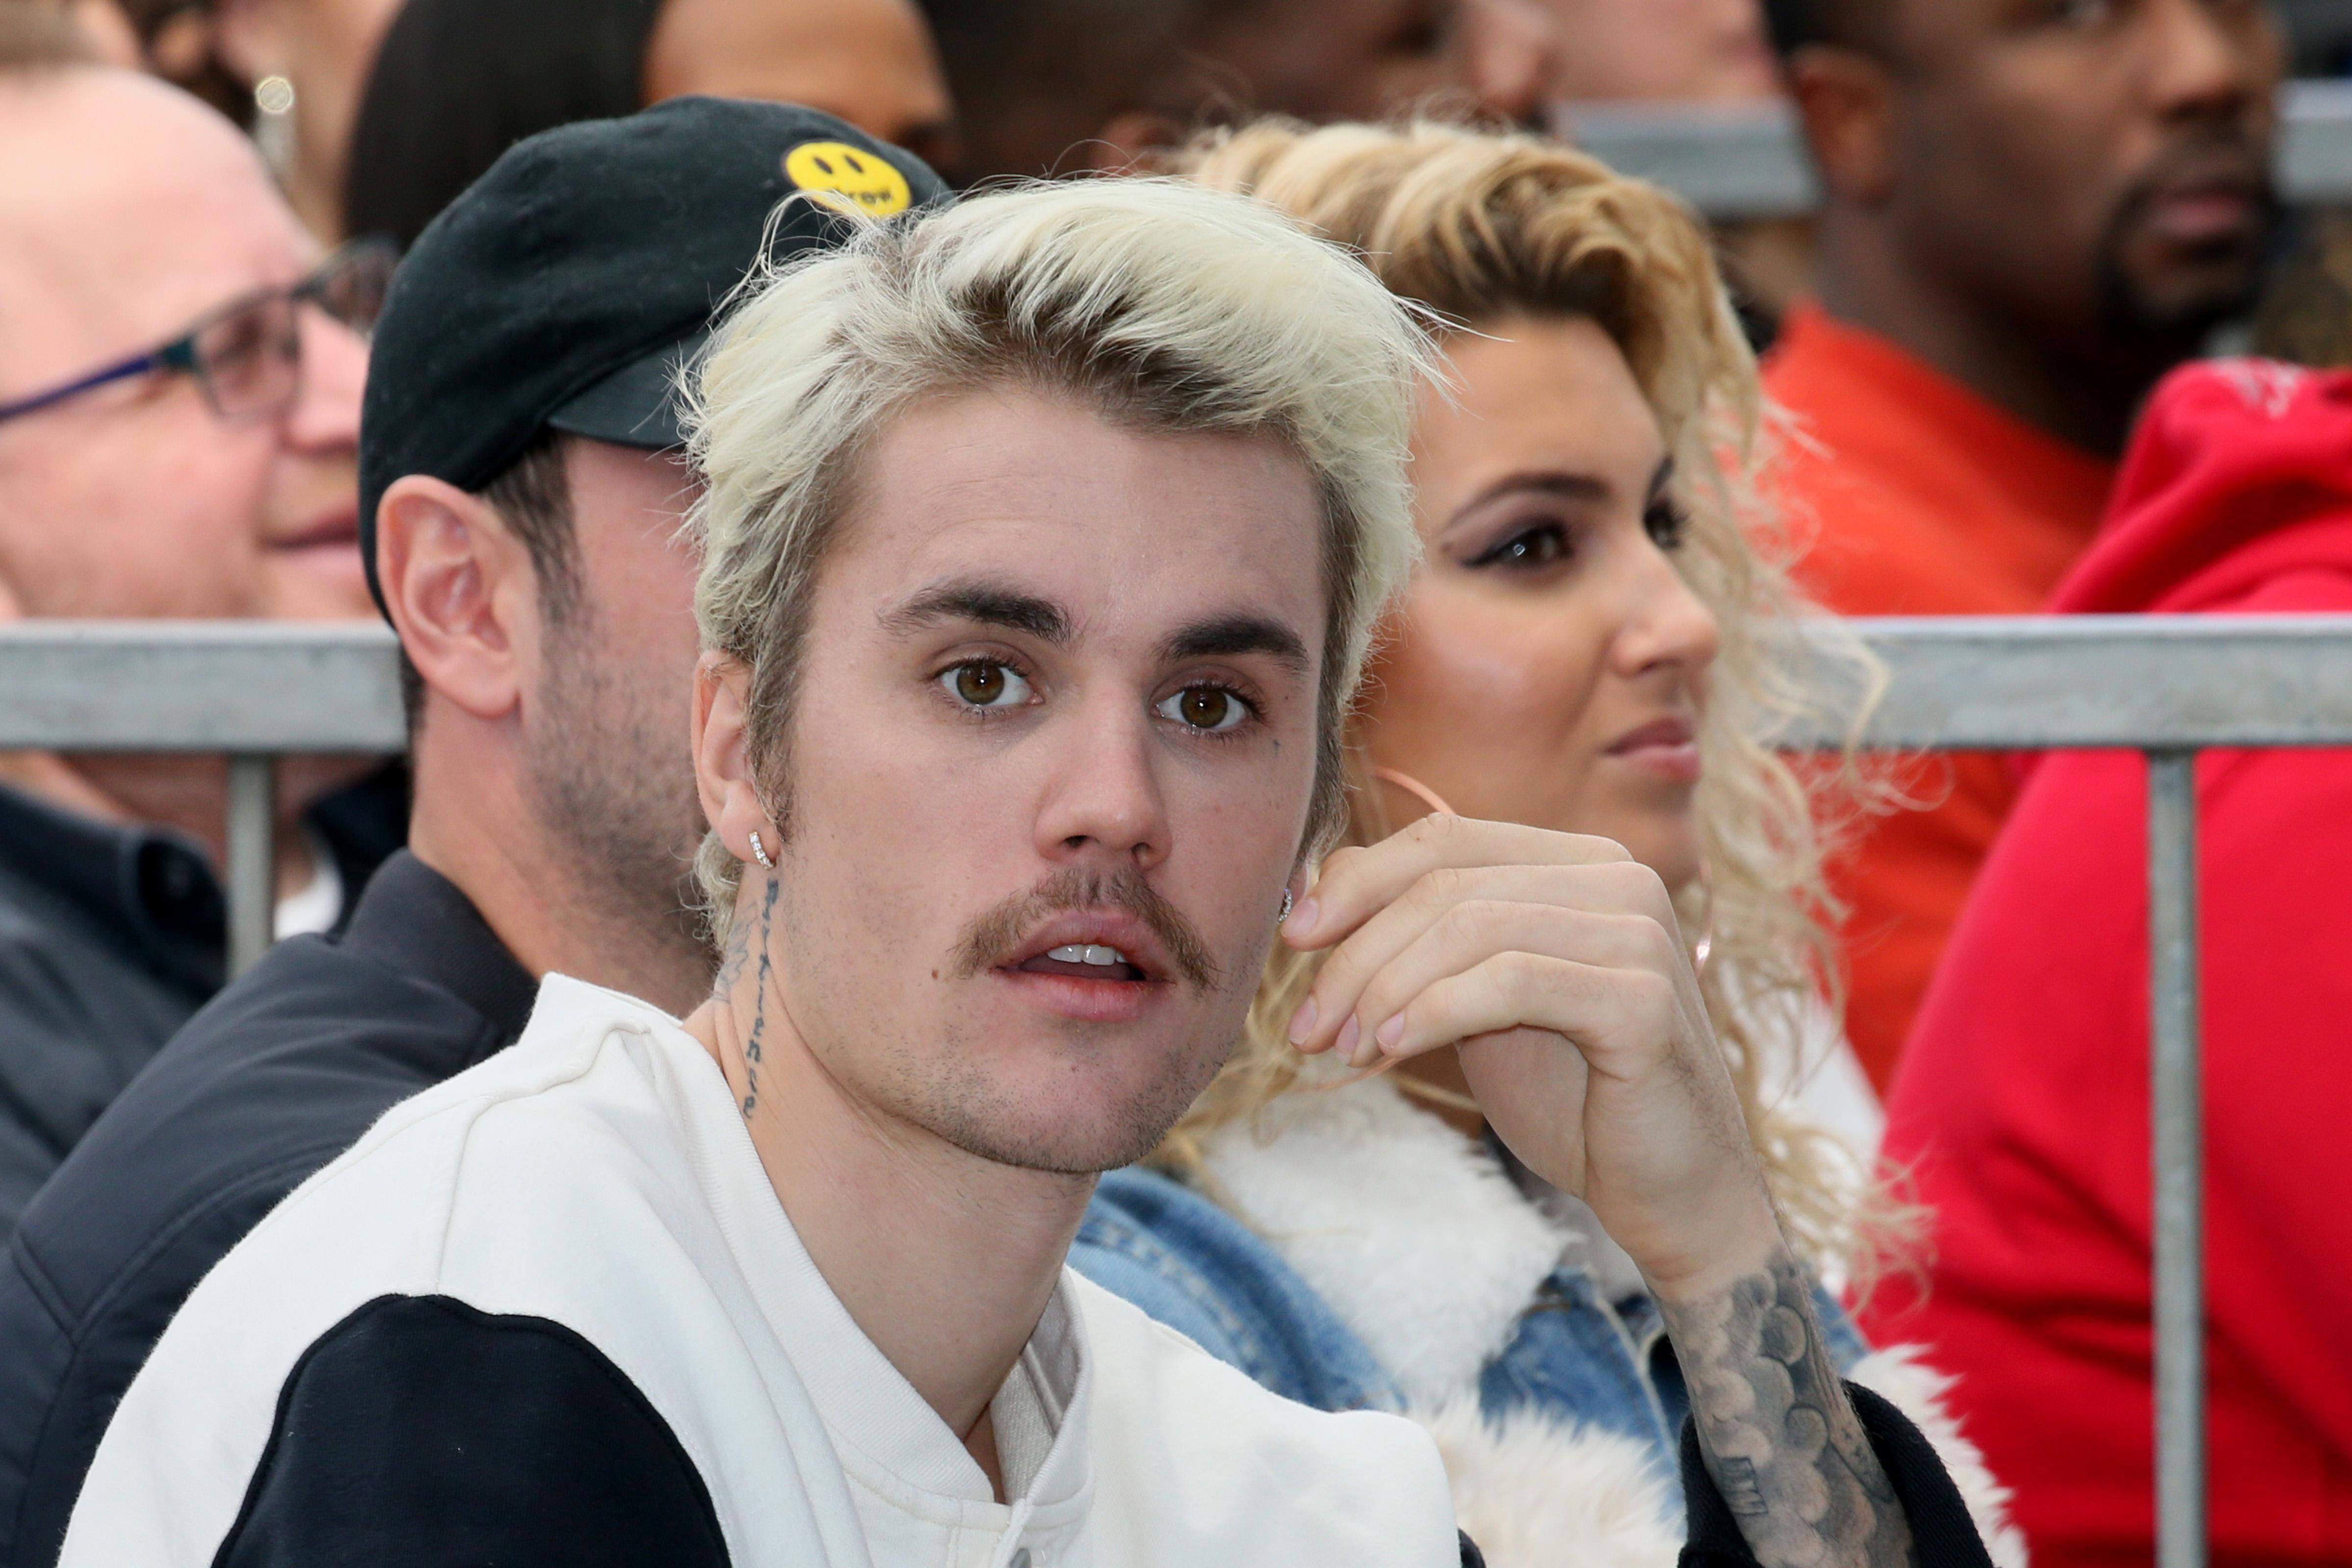 Justin Bieber neagă că ar fi violat o tânără în 2014, după acuzațiile lansate pe Twitter în weekend